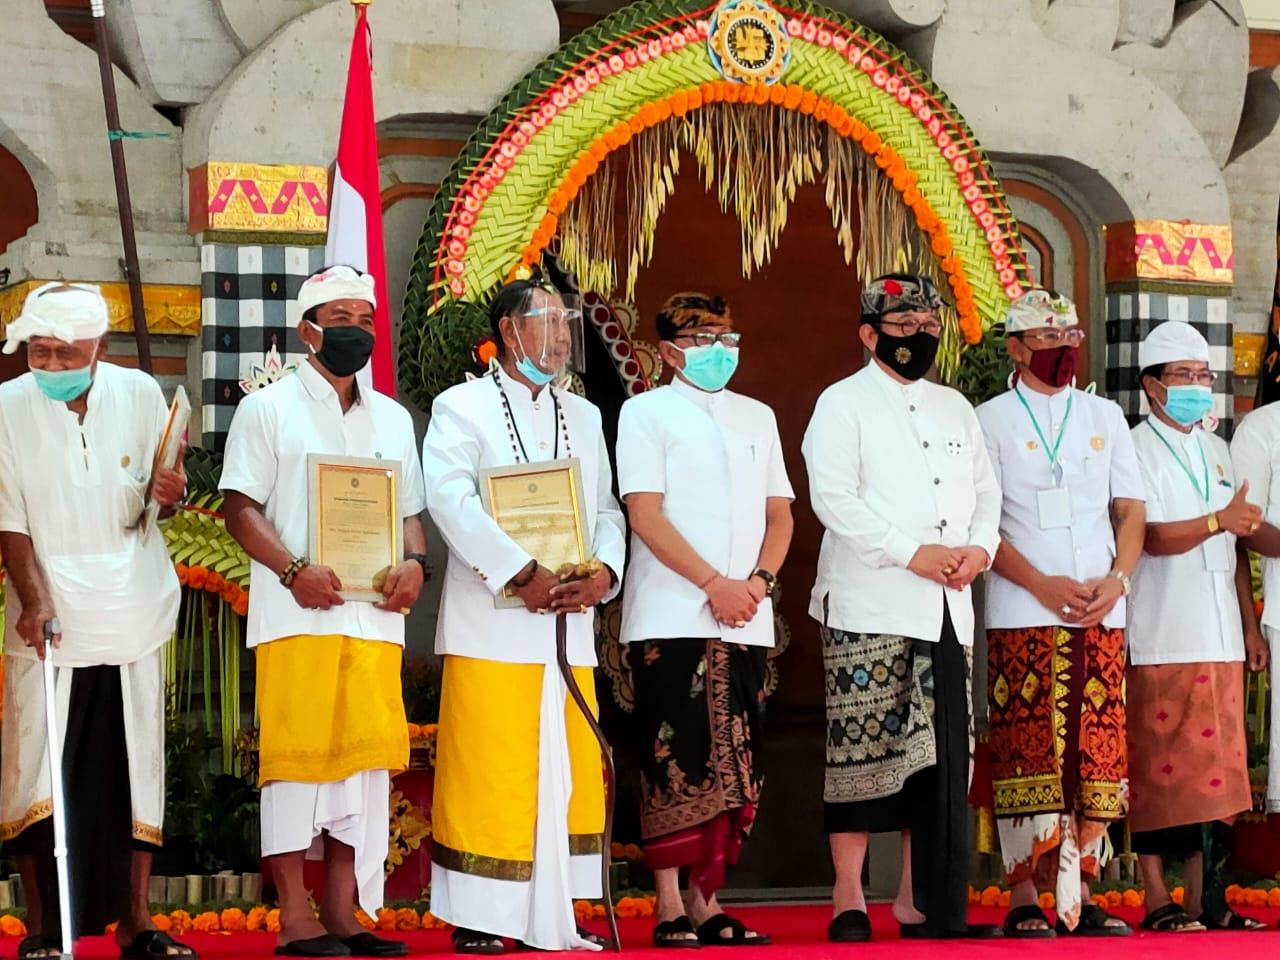 WAGUB Cok Ace foto bersama dengan pimpinan PBMM Pusat, setelah membuka Mahasaba dengan memukul kentongan. Foto: nar